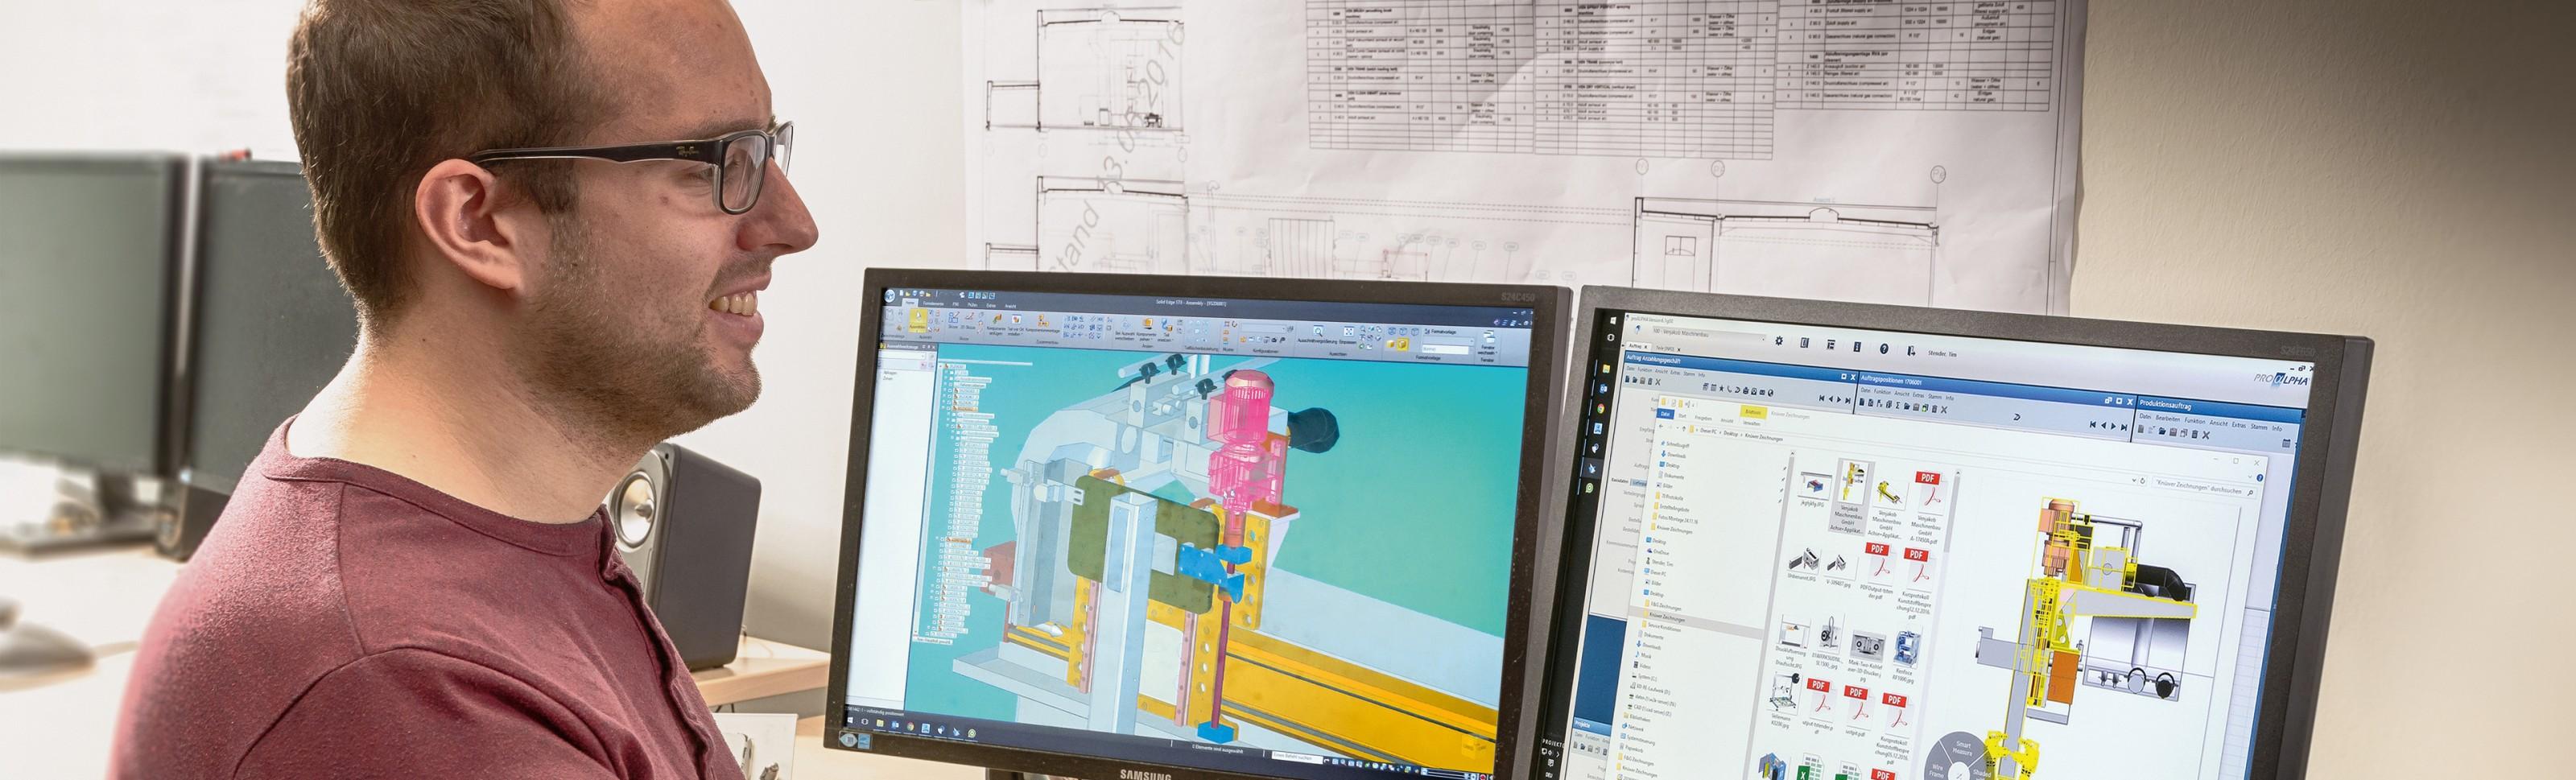 Abbildung Azubi technischer Produktdesigner